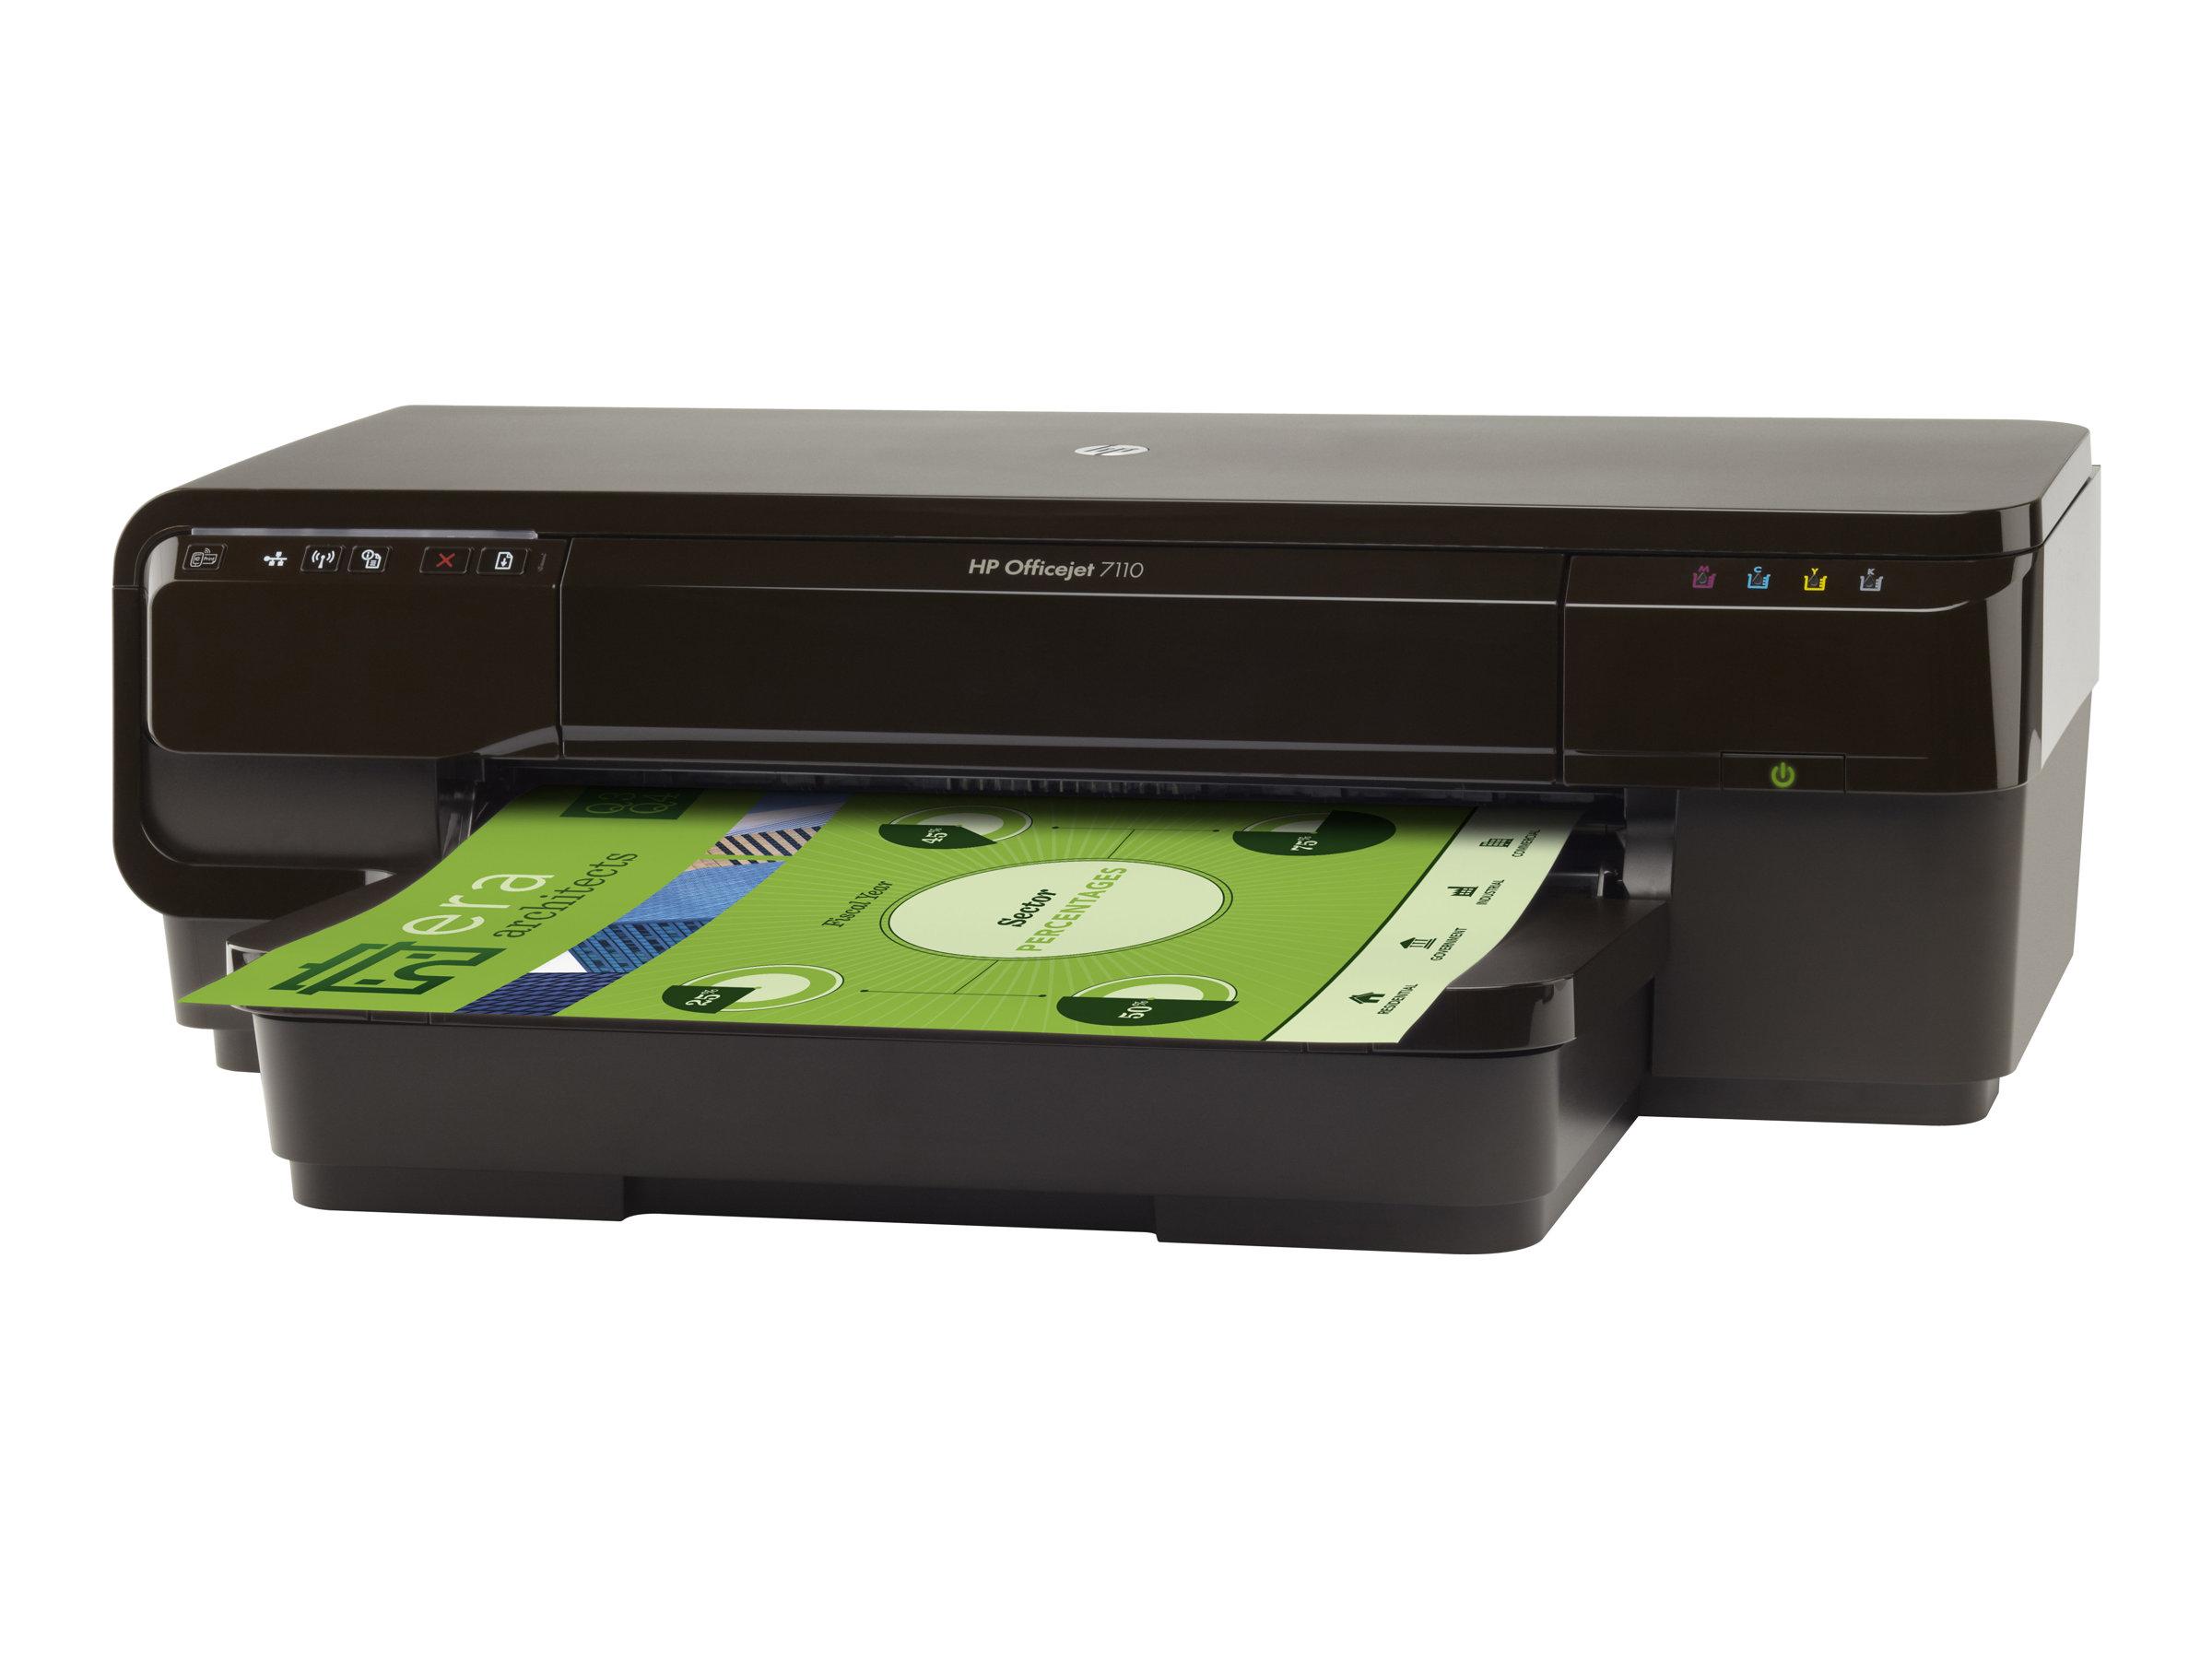 HP Officejet 7110 Wide Format ePrinter - Drucker - Farbe - Duplex - Tintenstrahl - A3 - 600 x 1200 dpi - bis zu 33 Seiten/Min. (einfarbig)/